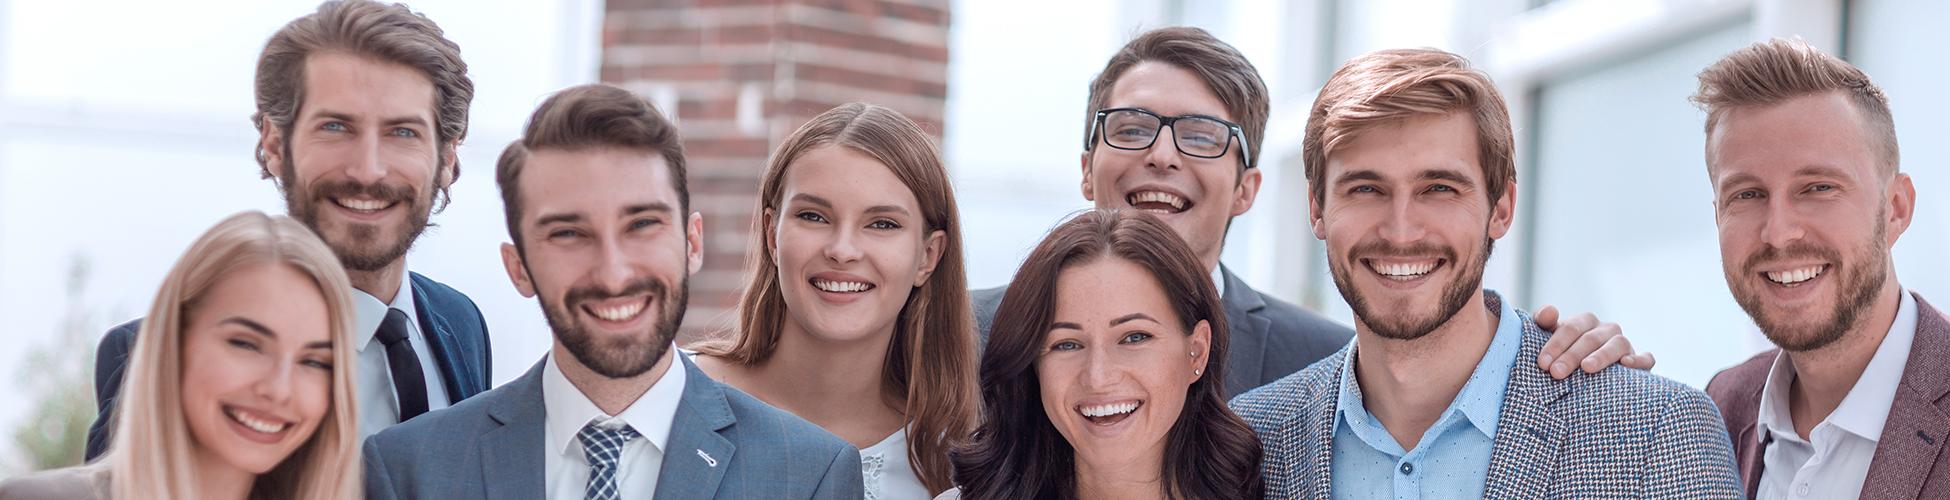 Studierende Business People_studienprogramme